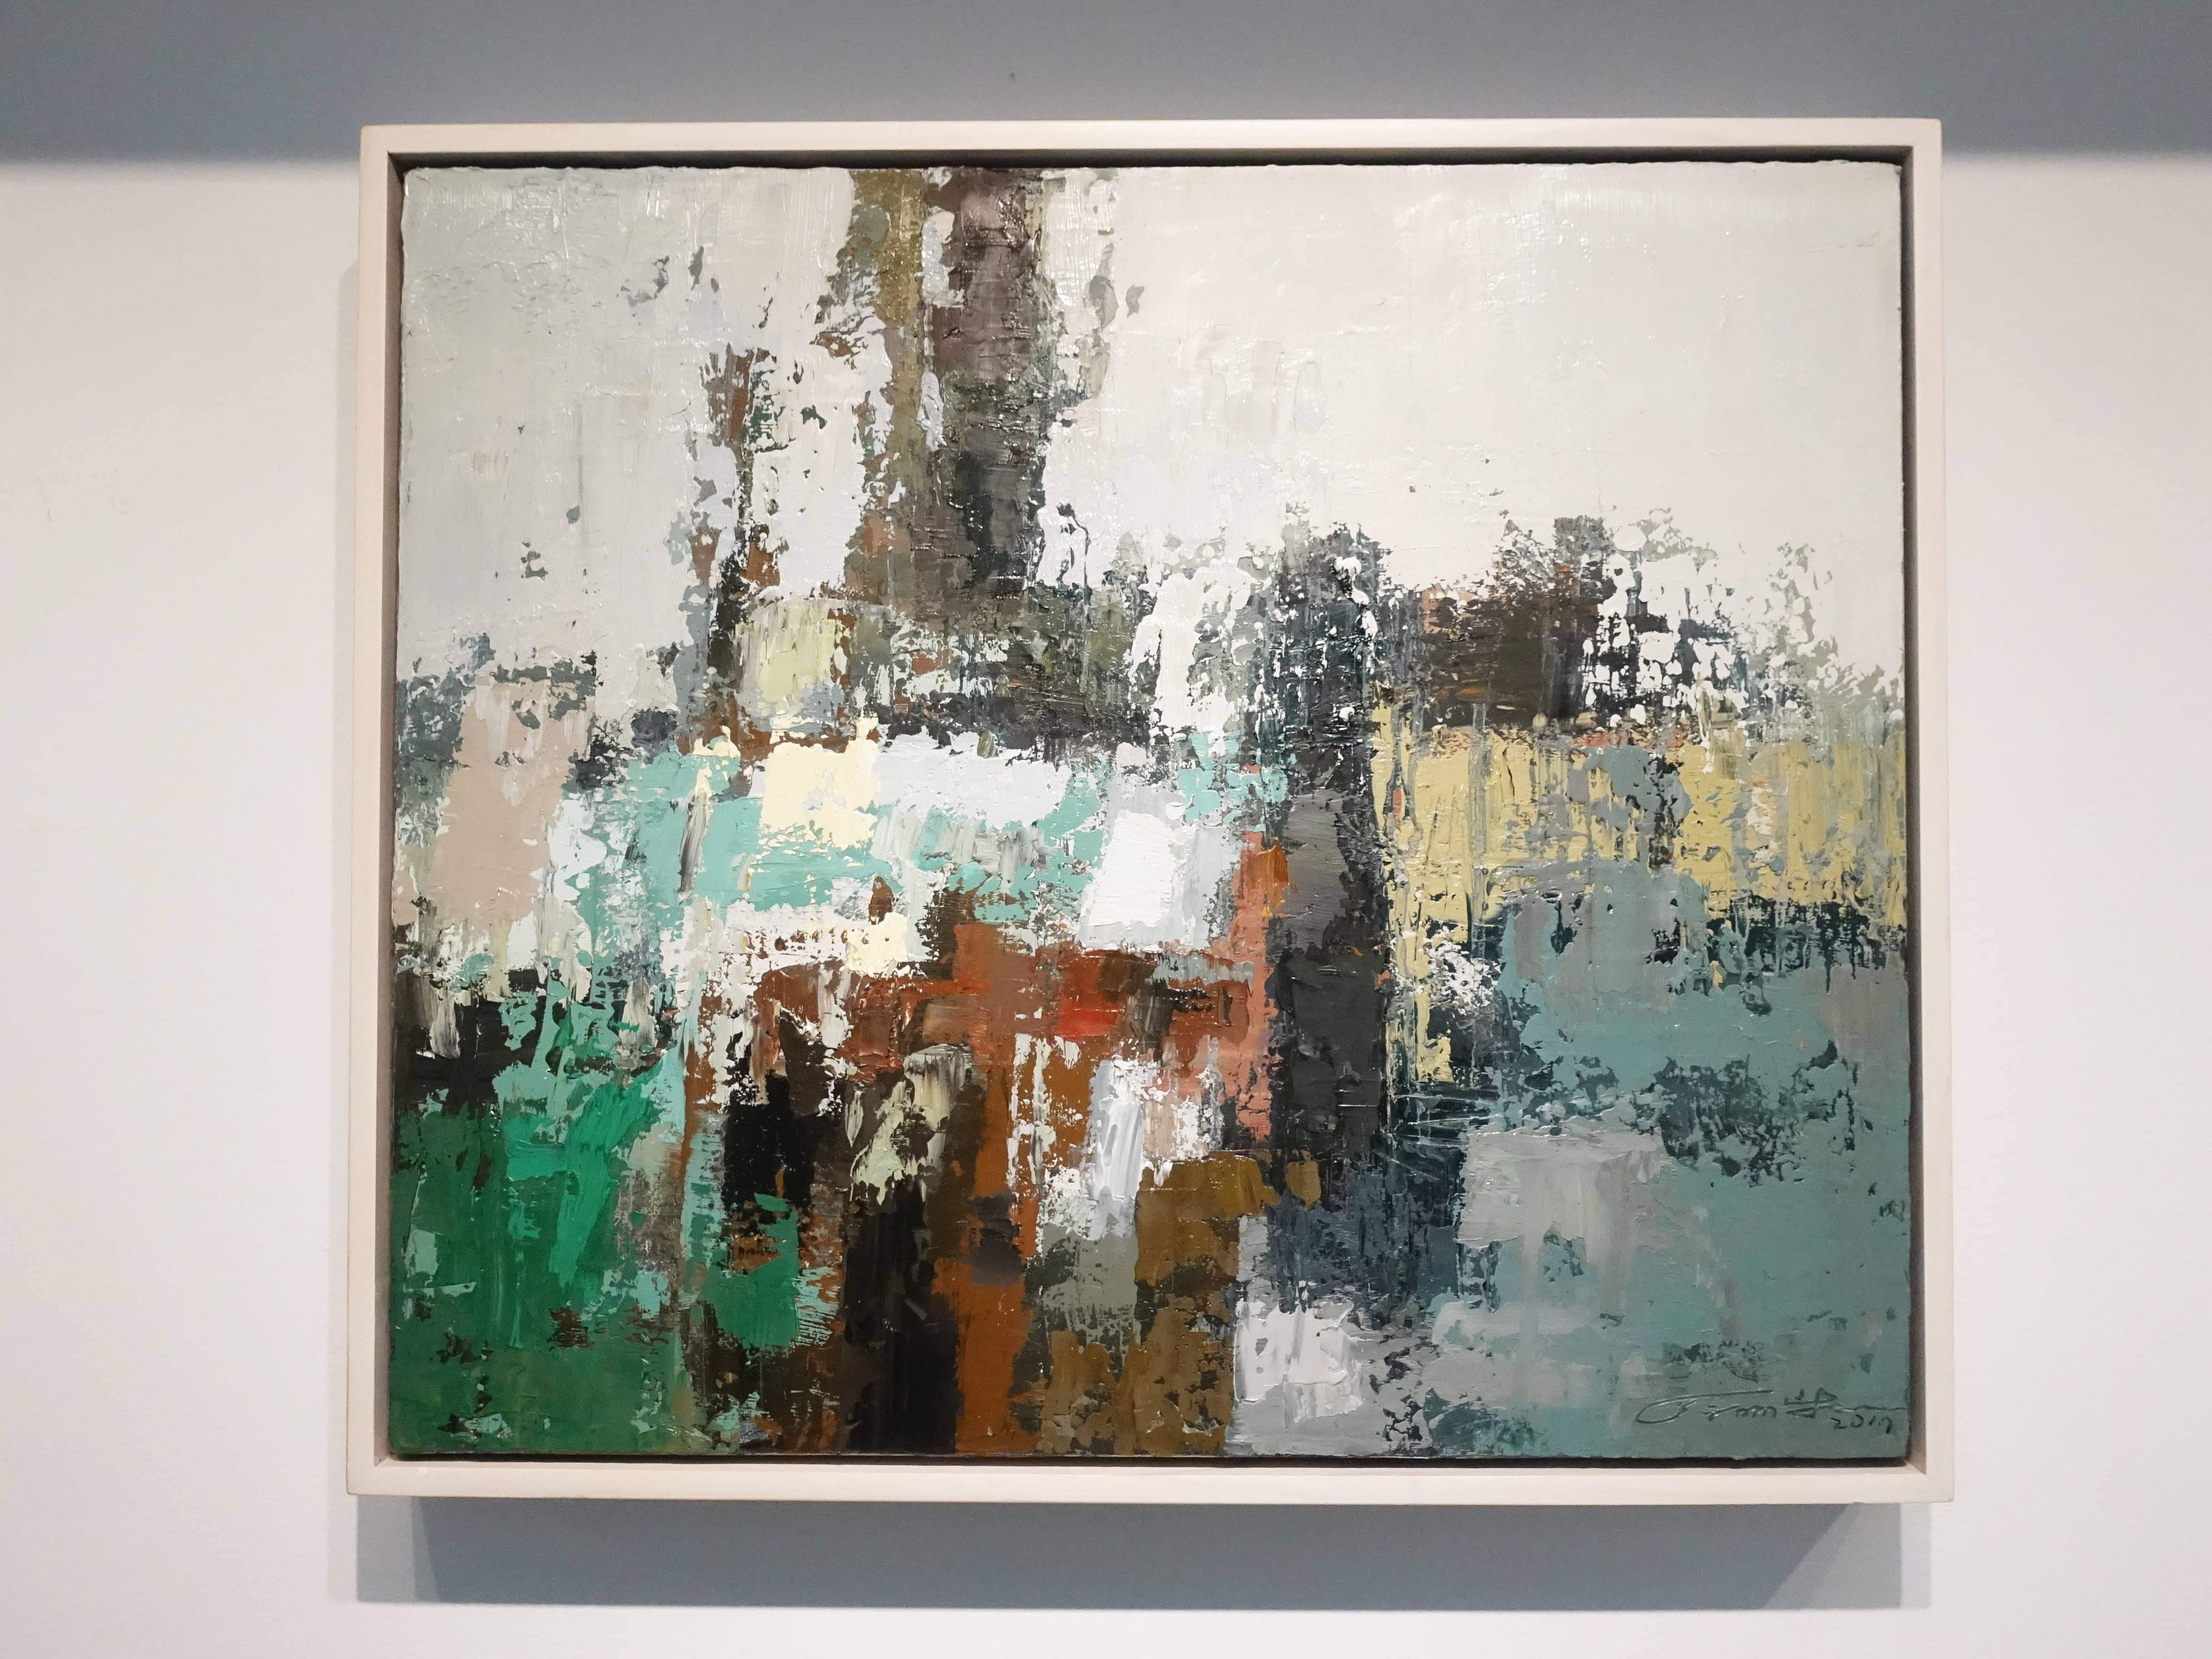 徐明豐,《記憶‧景像之七》,53 x 45.5 cm,複合媒材油畫,2017。